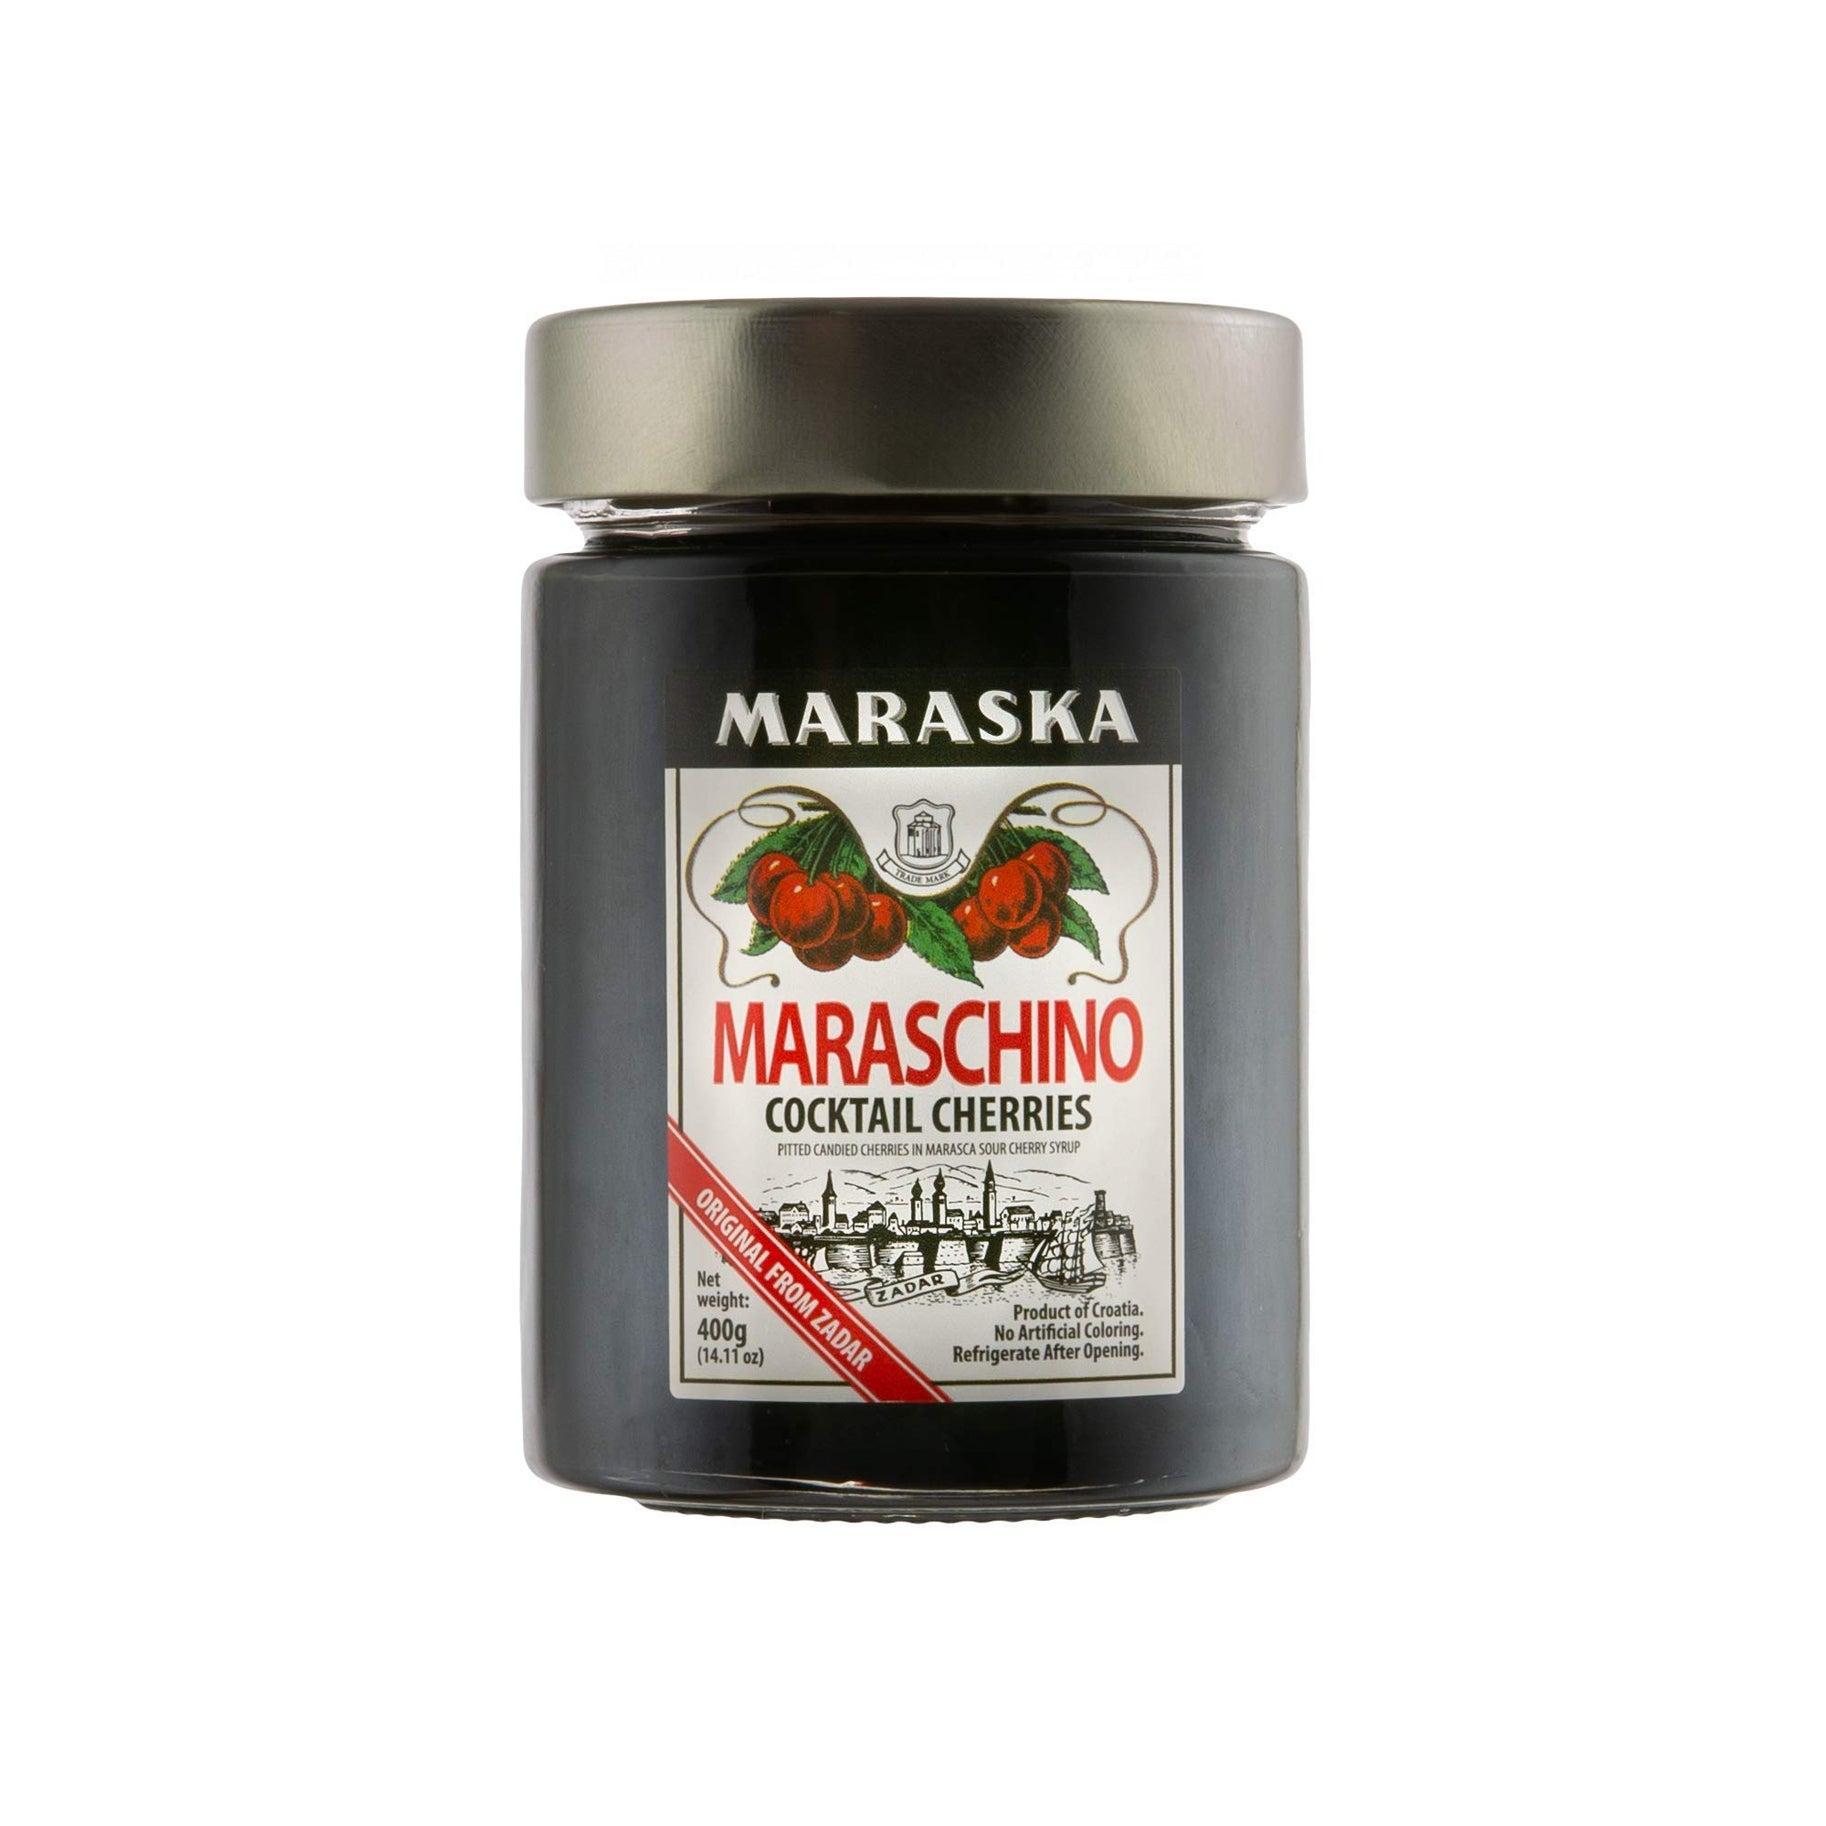 The Best Cocktail Cherries Option: Maraska Maraschino Cocktail Cherries